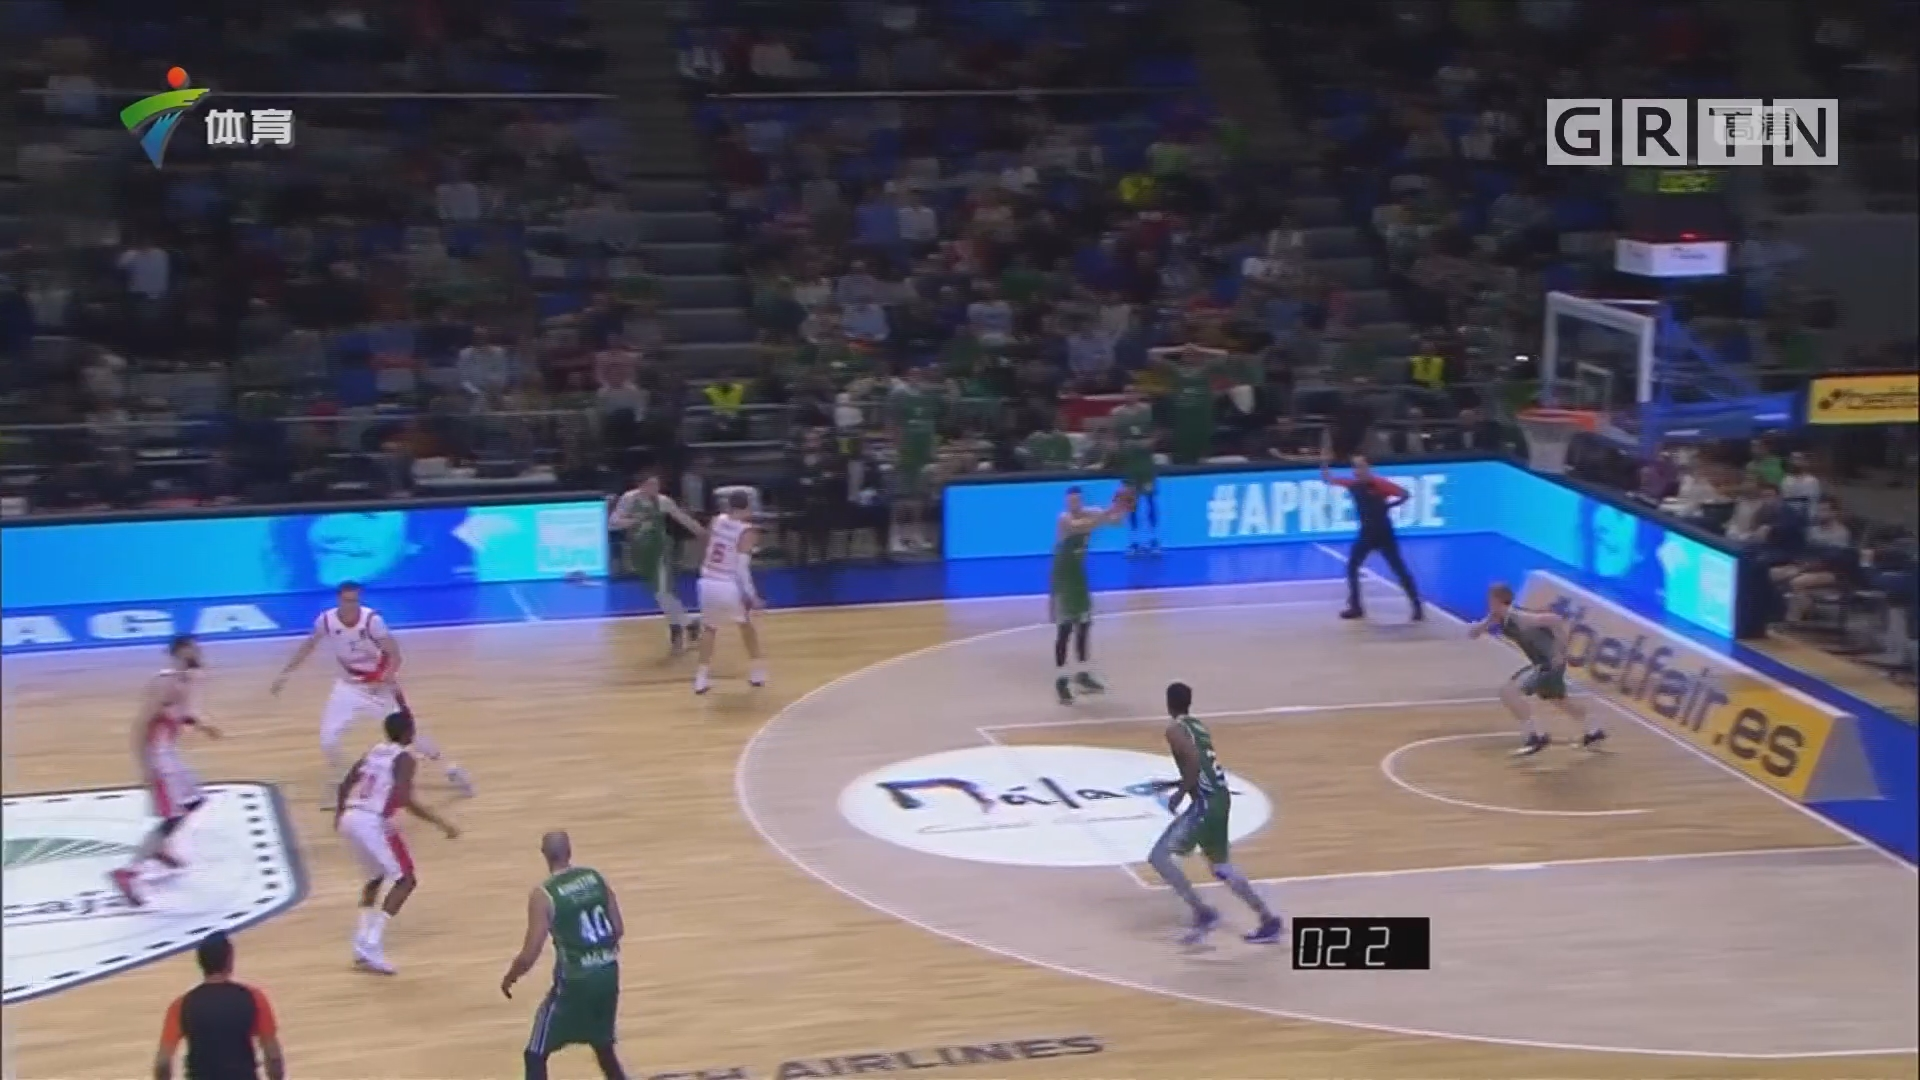 欧篮联赛 帕纳辛奈科斯加时险胜萨拉基利斯